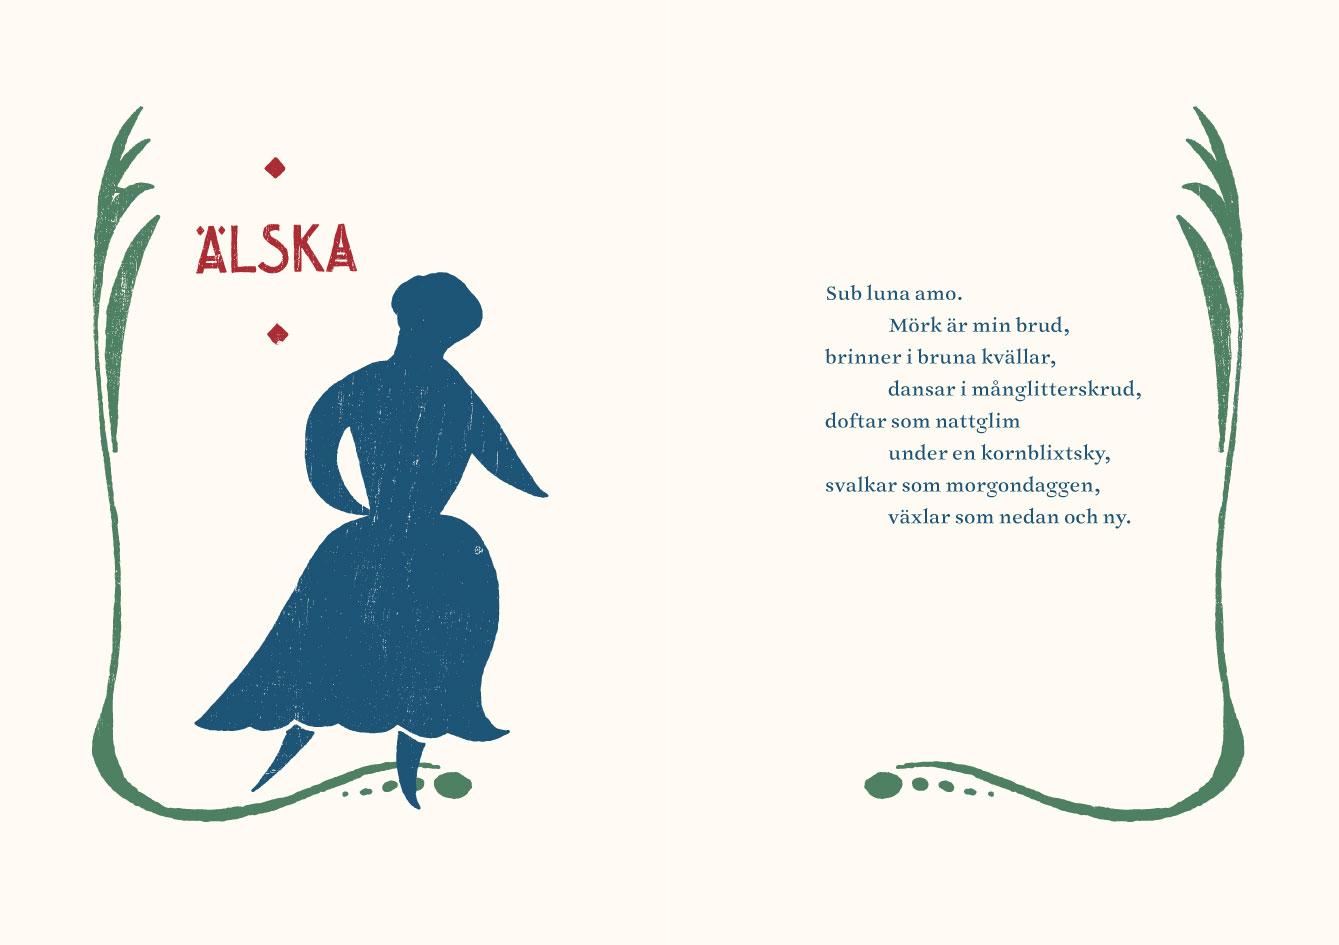 En essä om Erik Axel Karlfeldt av Stina Otterberg